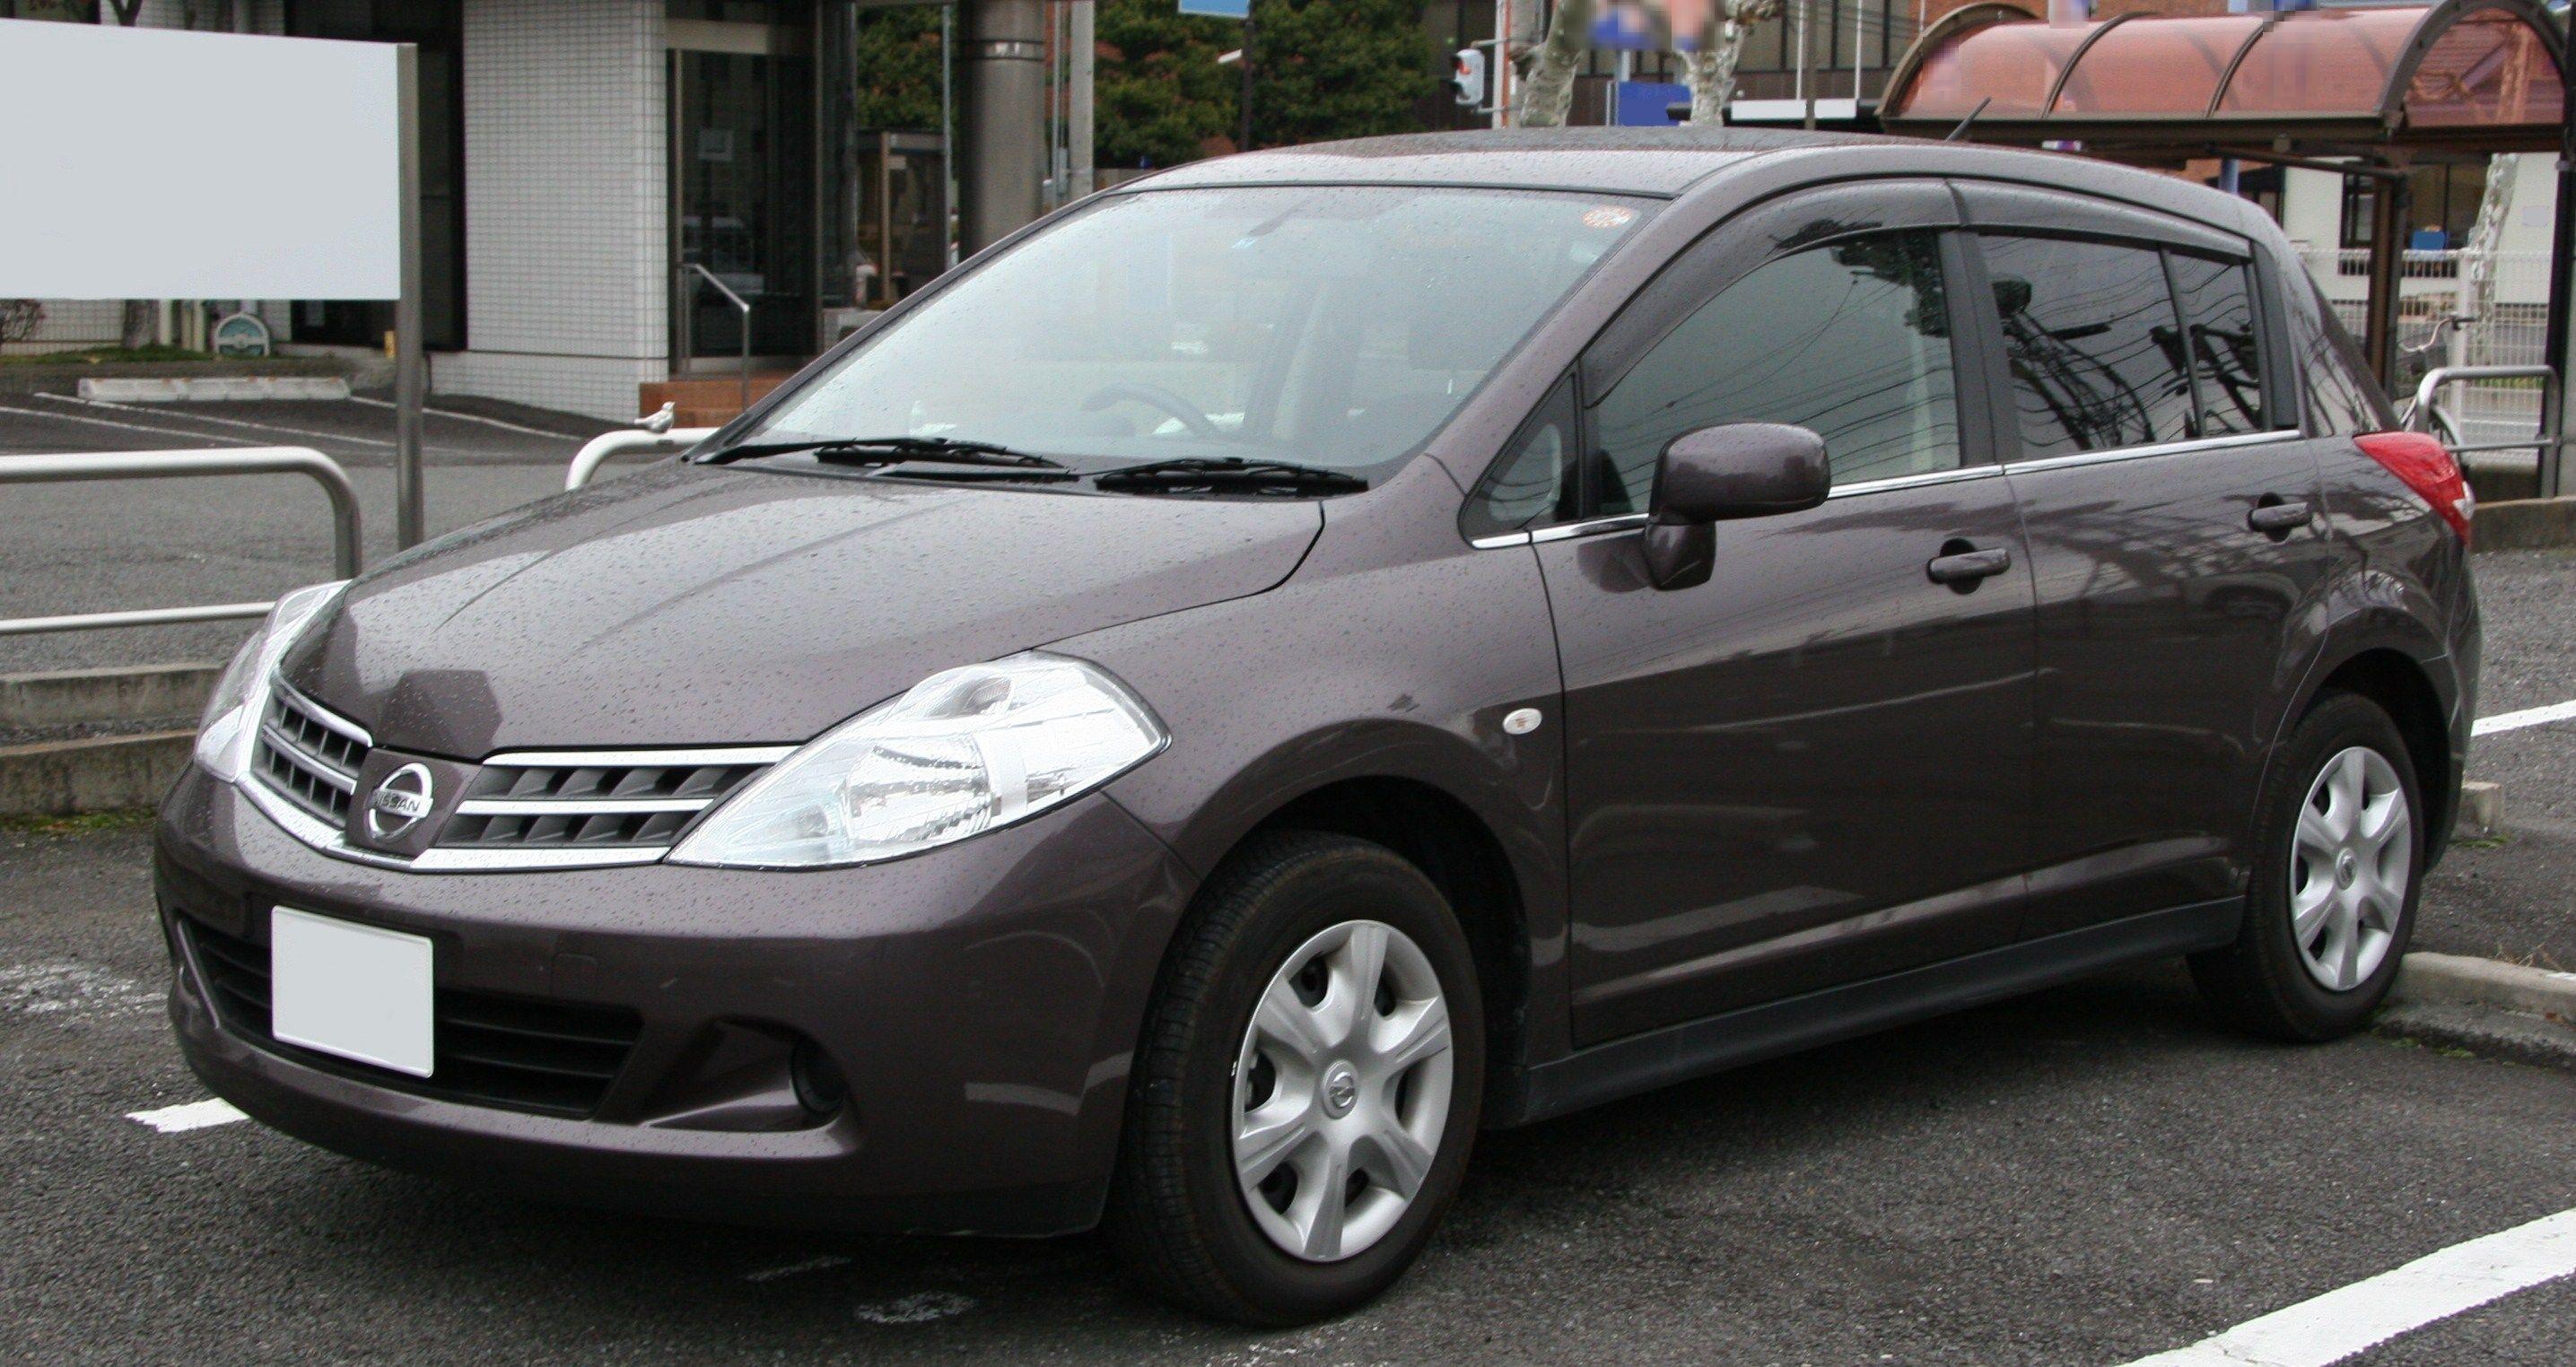 Nissan Tiida I 2004 - 2012 Hatchback 5 door #5